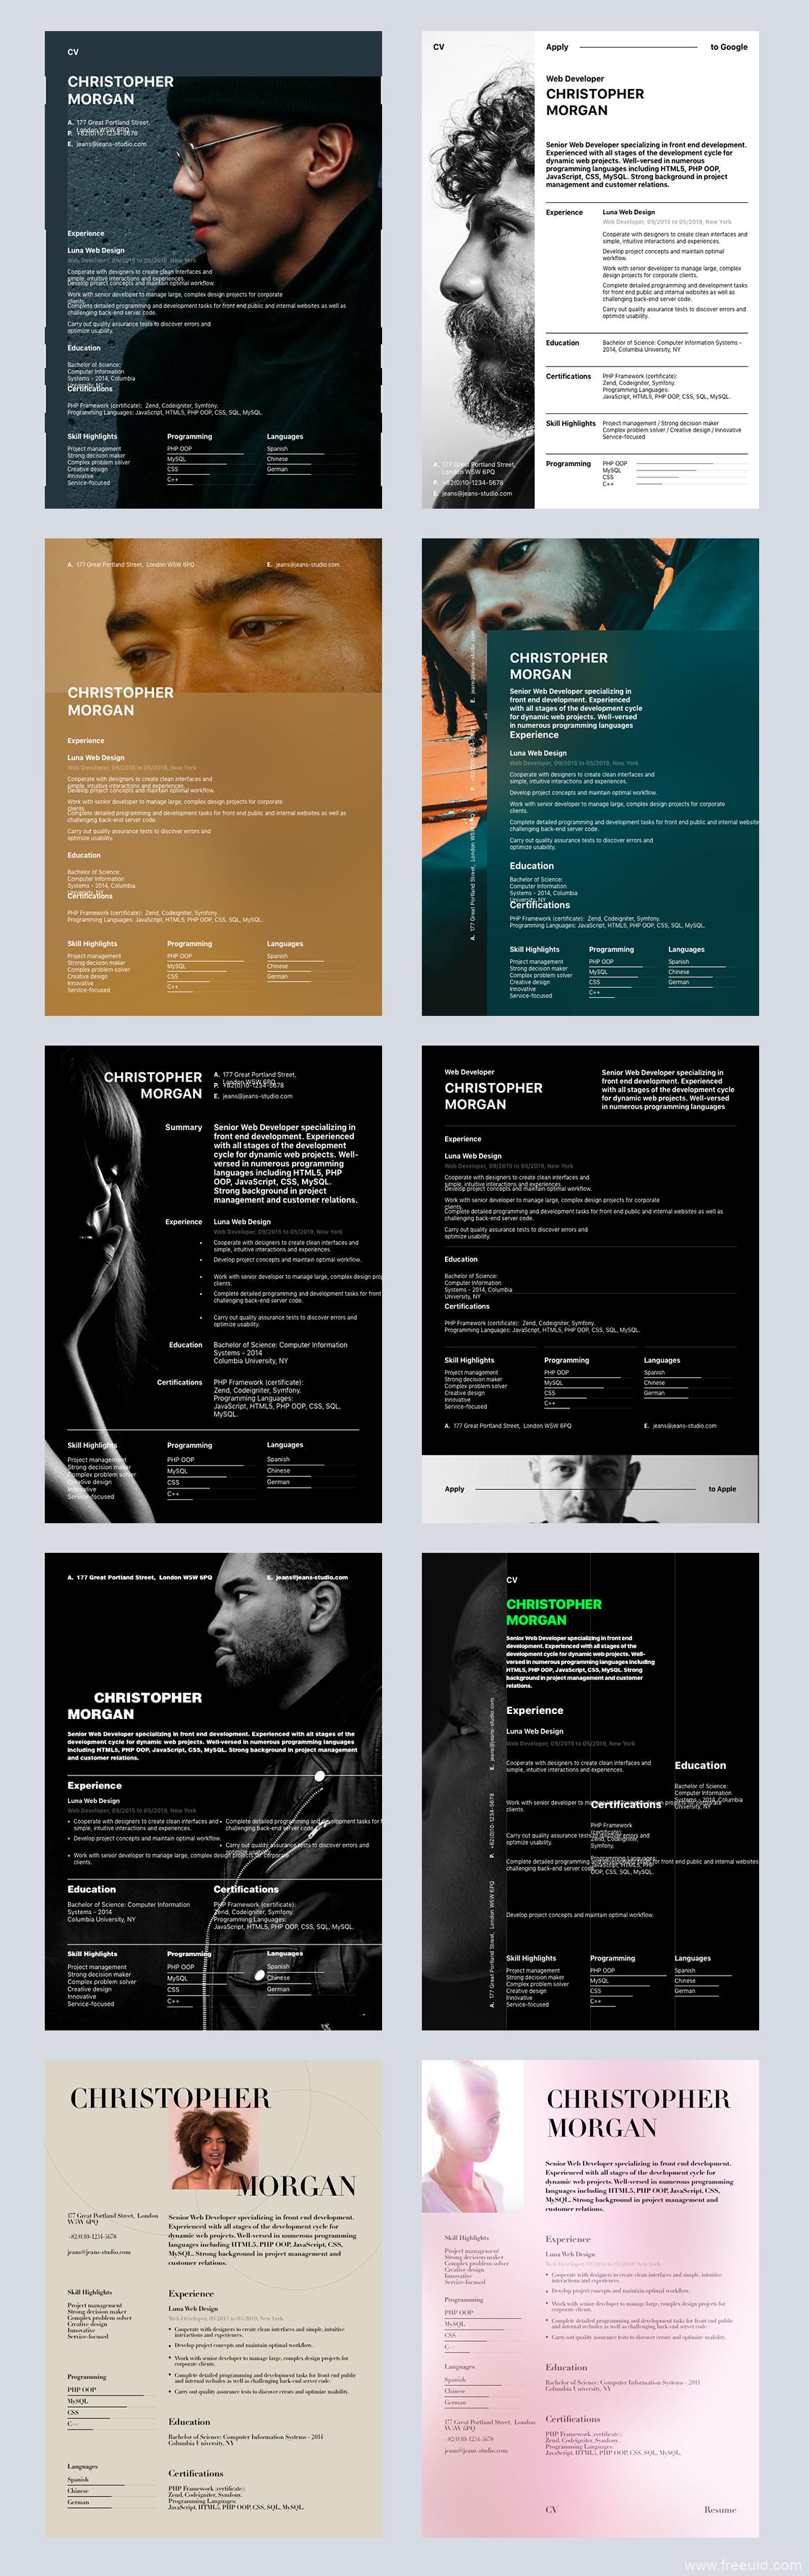 10多套高端大气设计师简历模板、设计师作品集简历包装UI界面